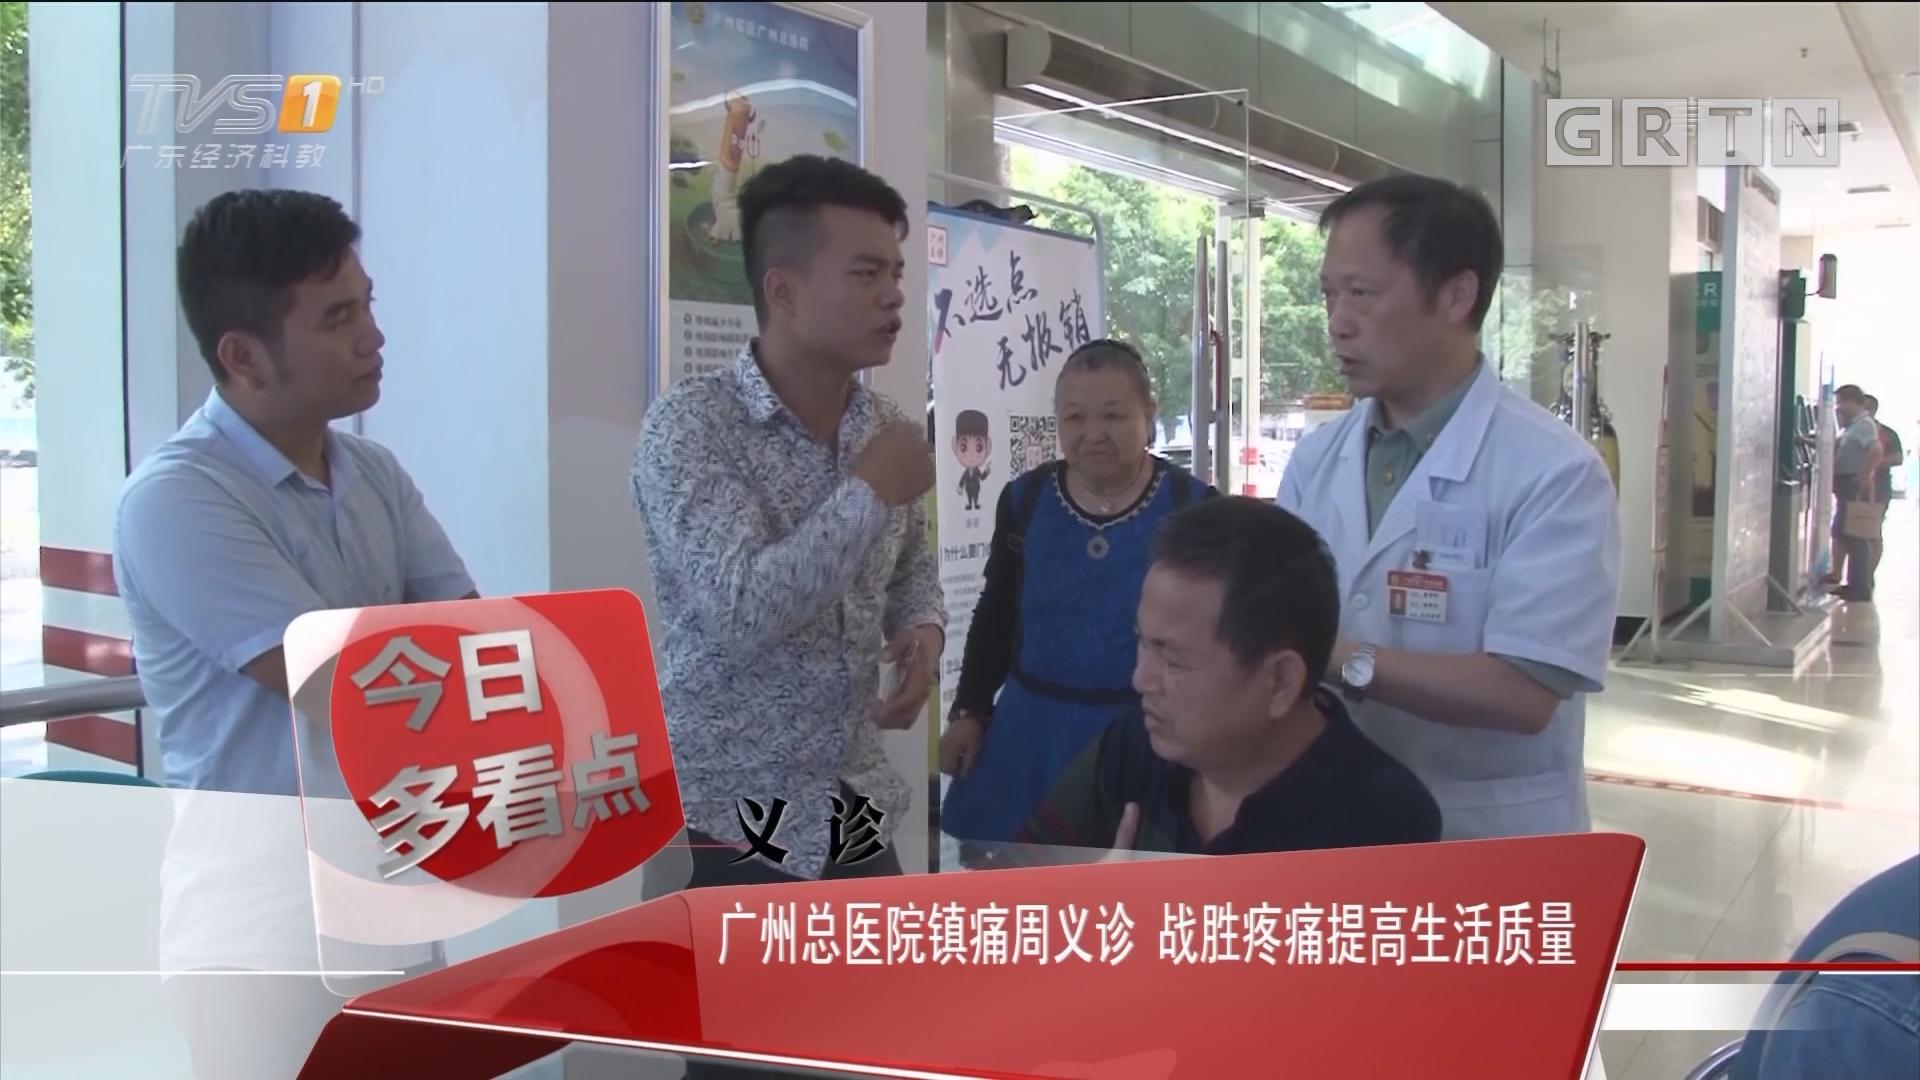 义诊:广州总医院镇痛周义诊 战胜疼痛提高生活质量